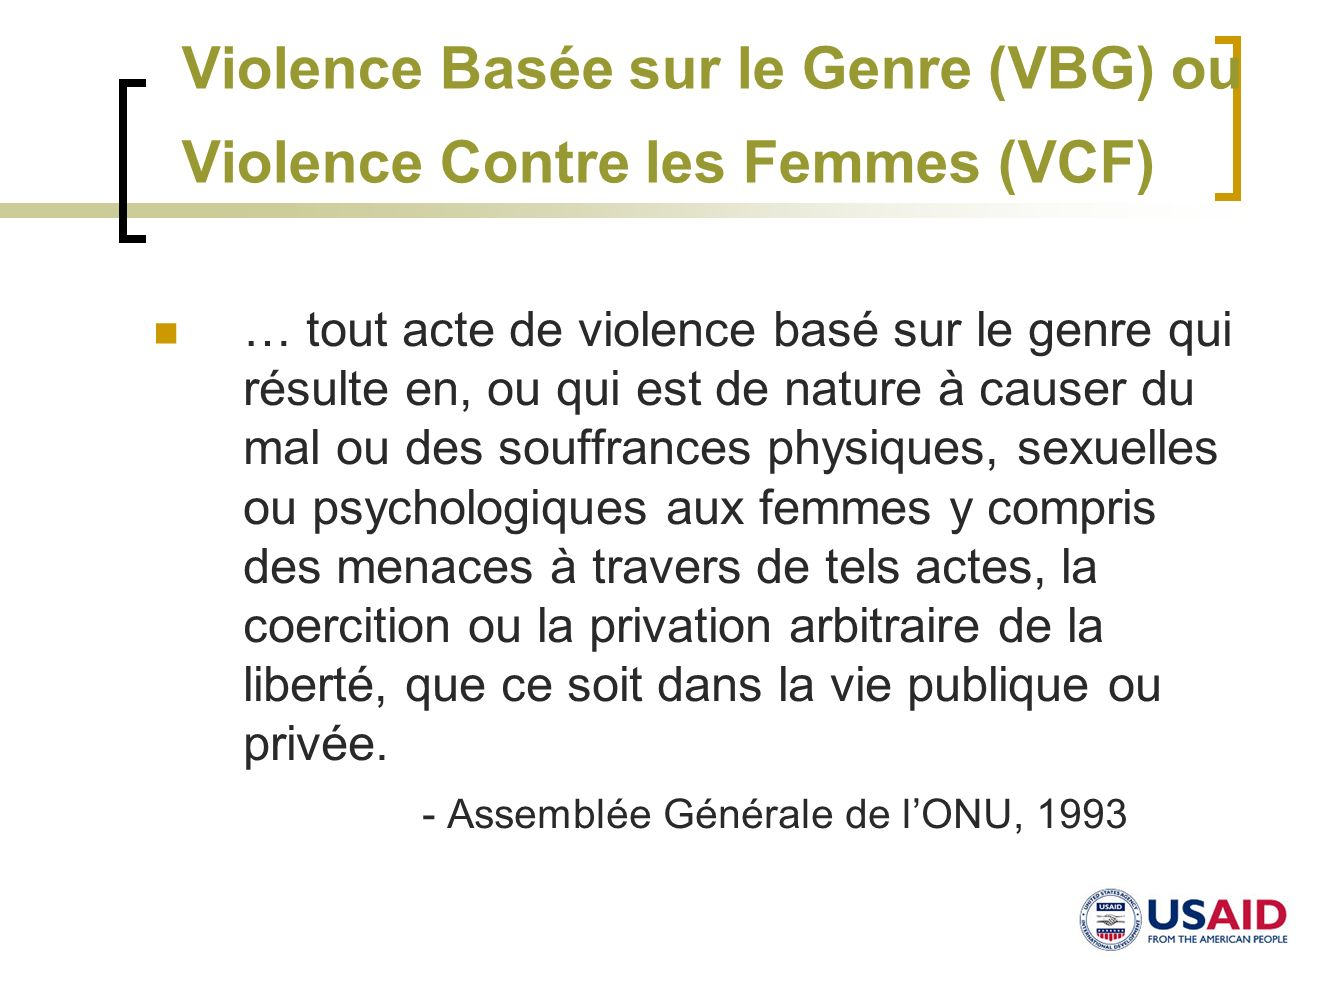 Violence Basée sur le Genre (VBG) ou Violence Contre les Femmes (VCF)